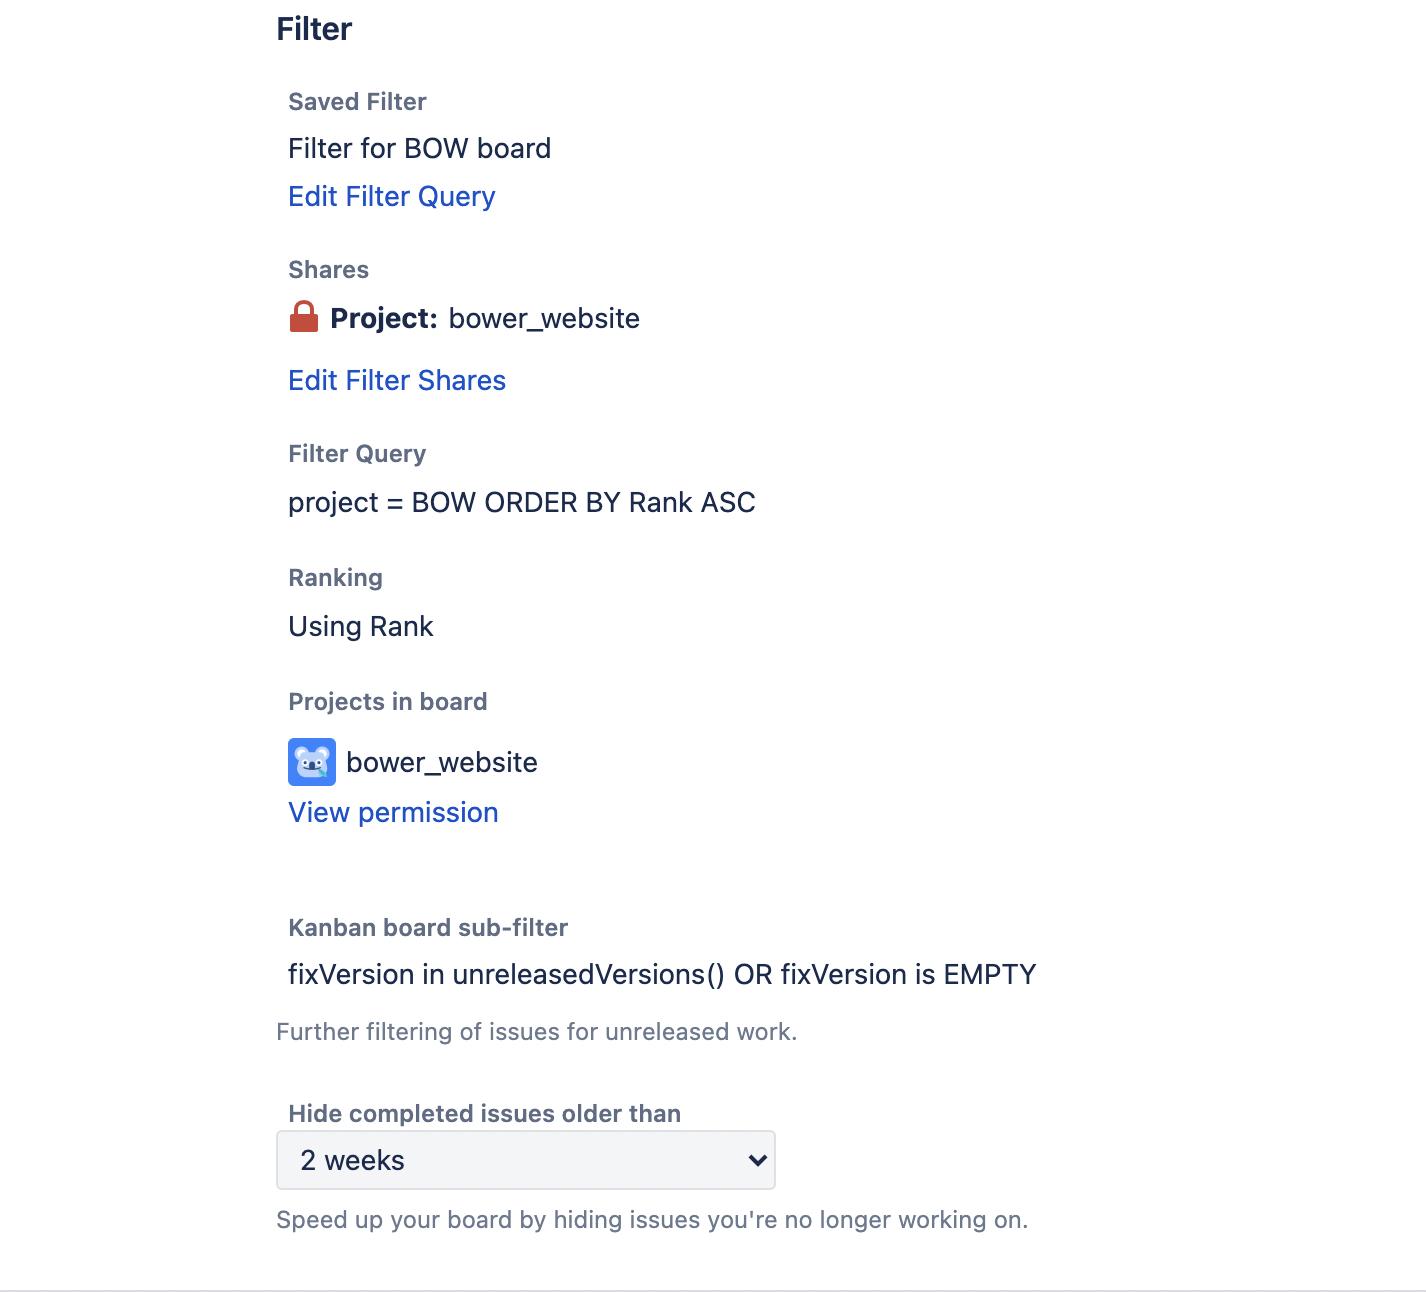 Screenshot 2021-05-27 at 19.29.08.png